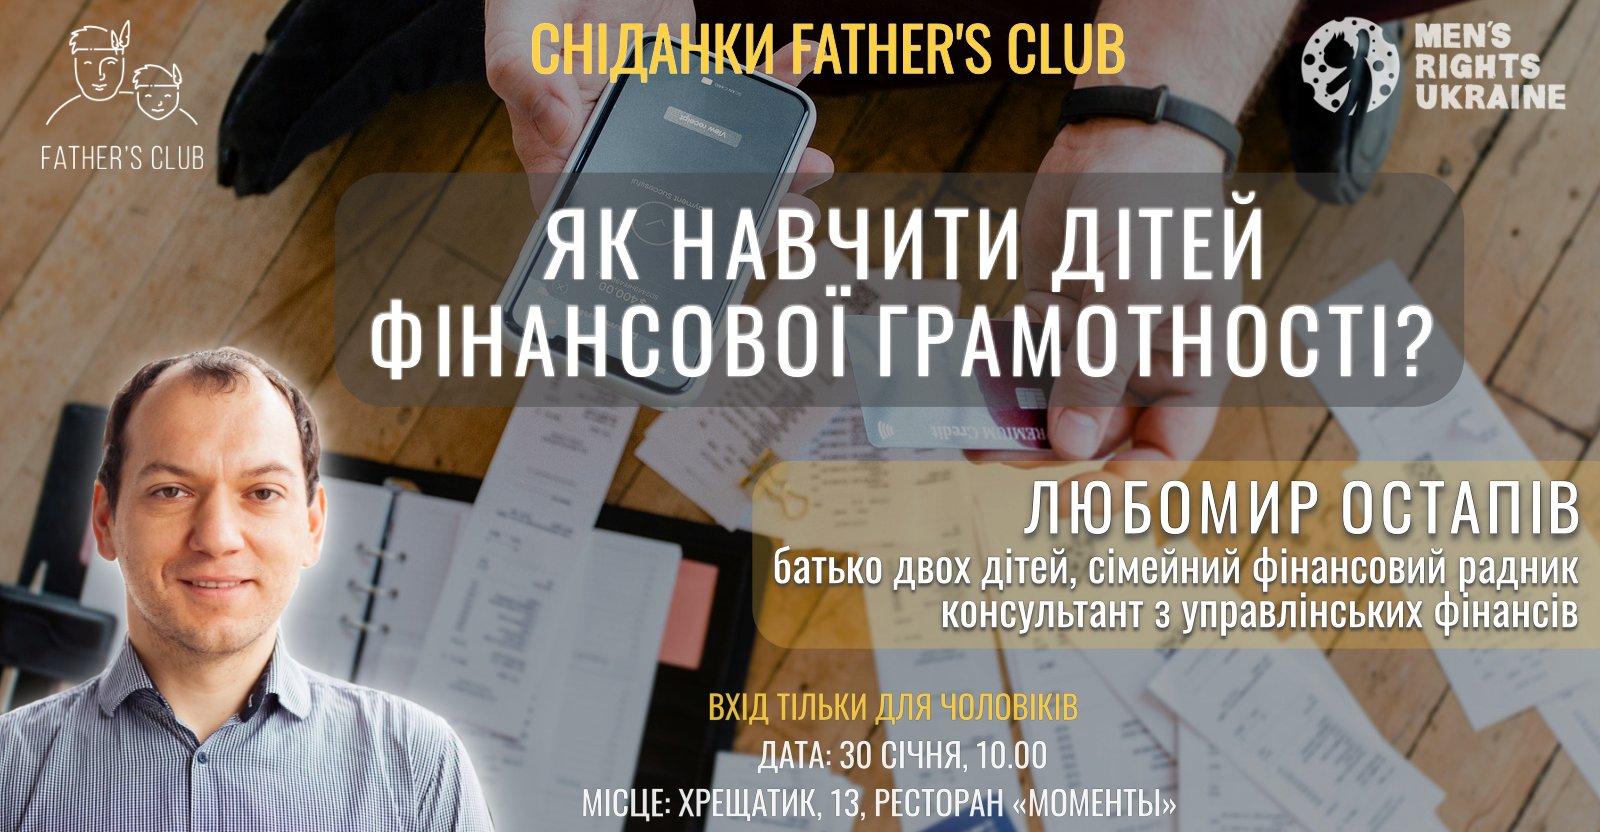 30 січня, Київ: сніданок Father's Club. Любомир Остапів: Як навчити дітей фінансової грамотності?